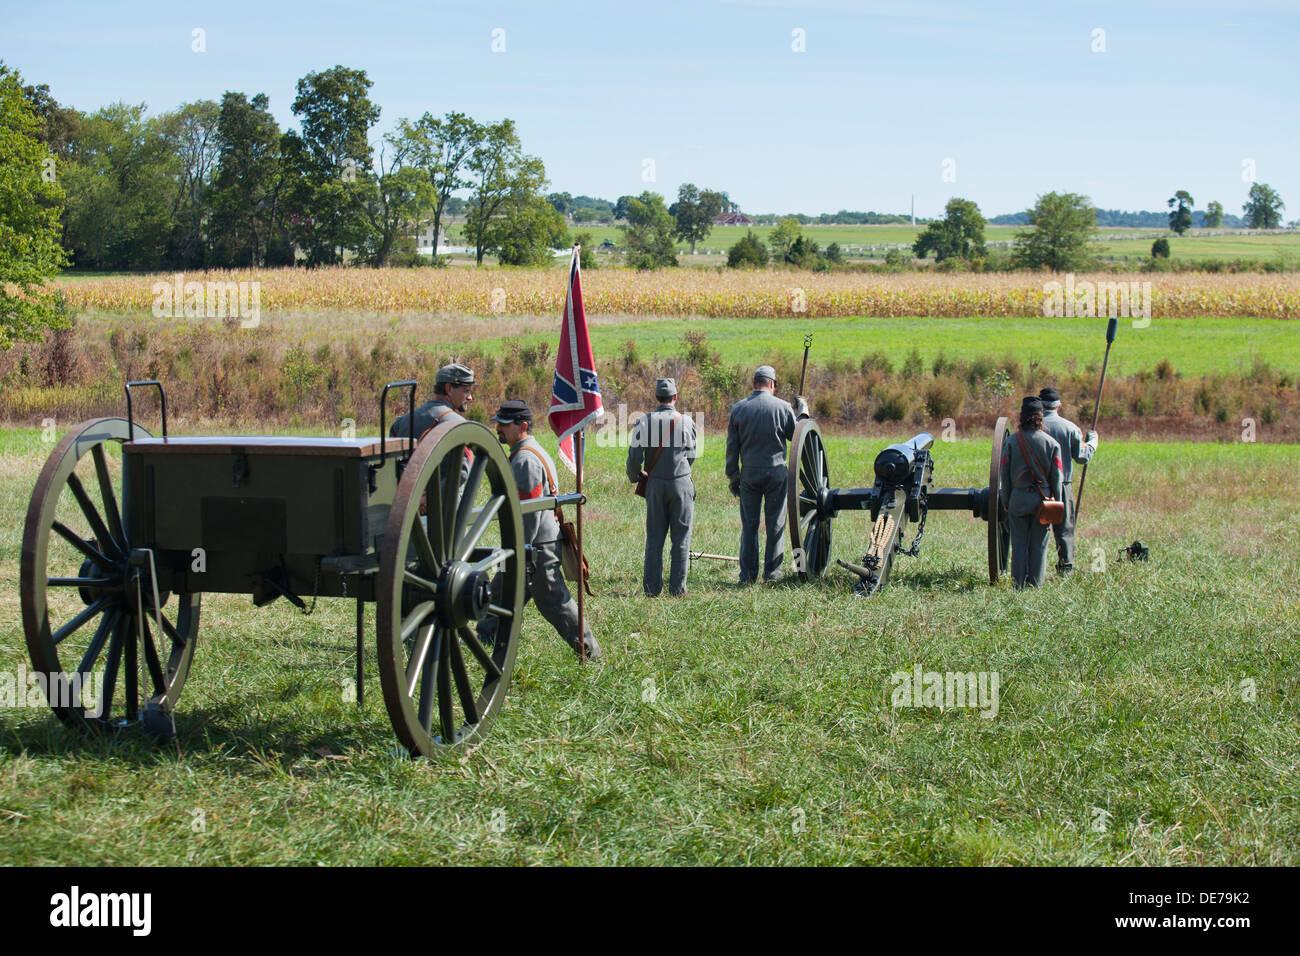 American Civil War reenactment - Gettysburg, Pennsylvania, USA - Stock Image